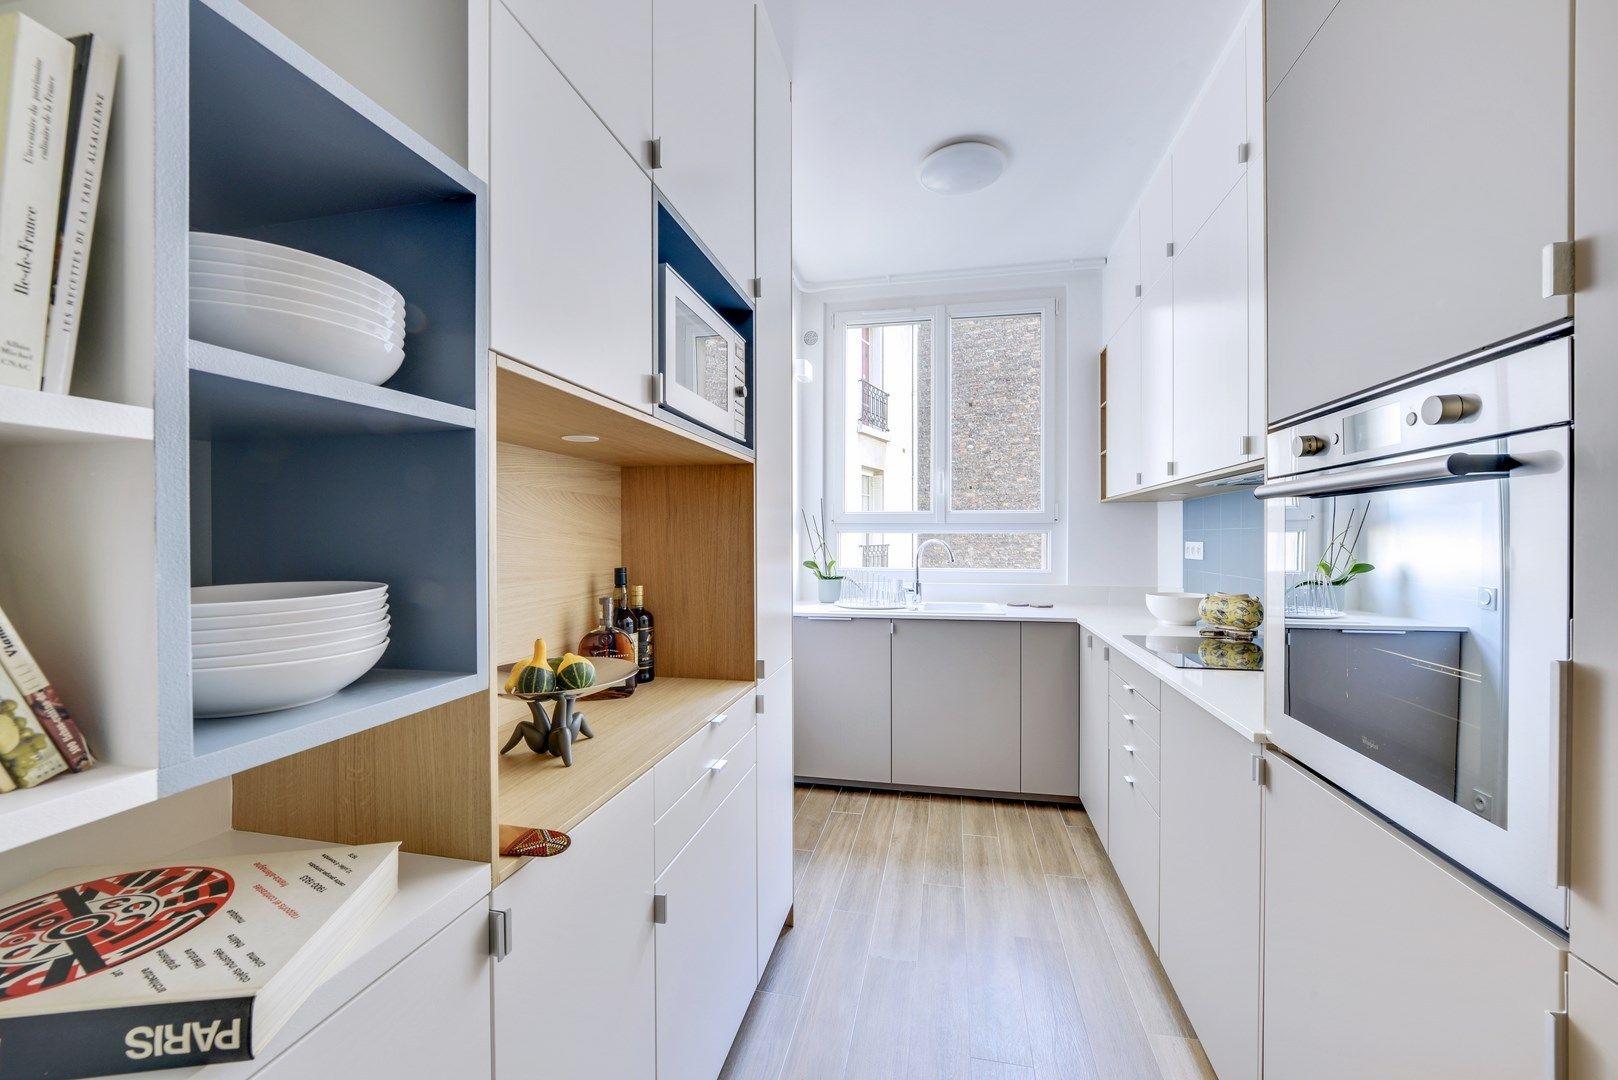 Appartement Haussmannien Decoration Classique Cuisine Ikea Ubbalt